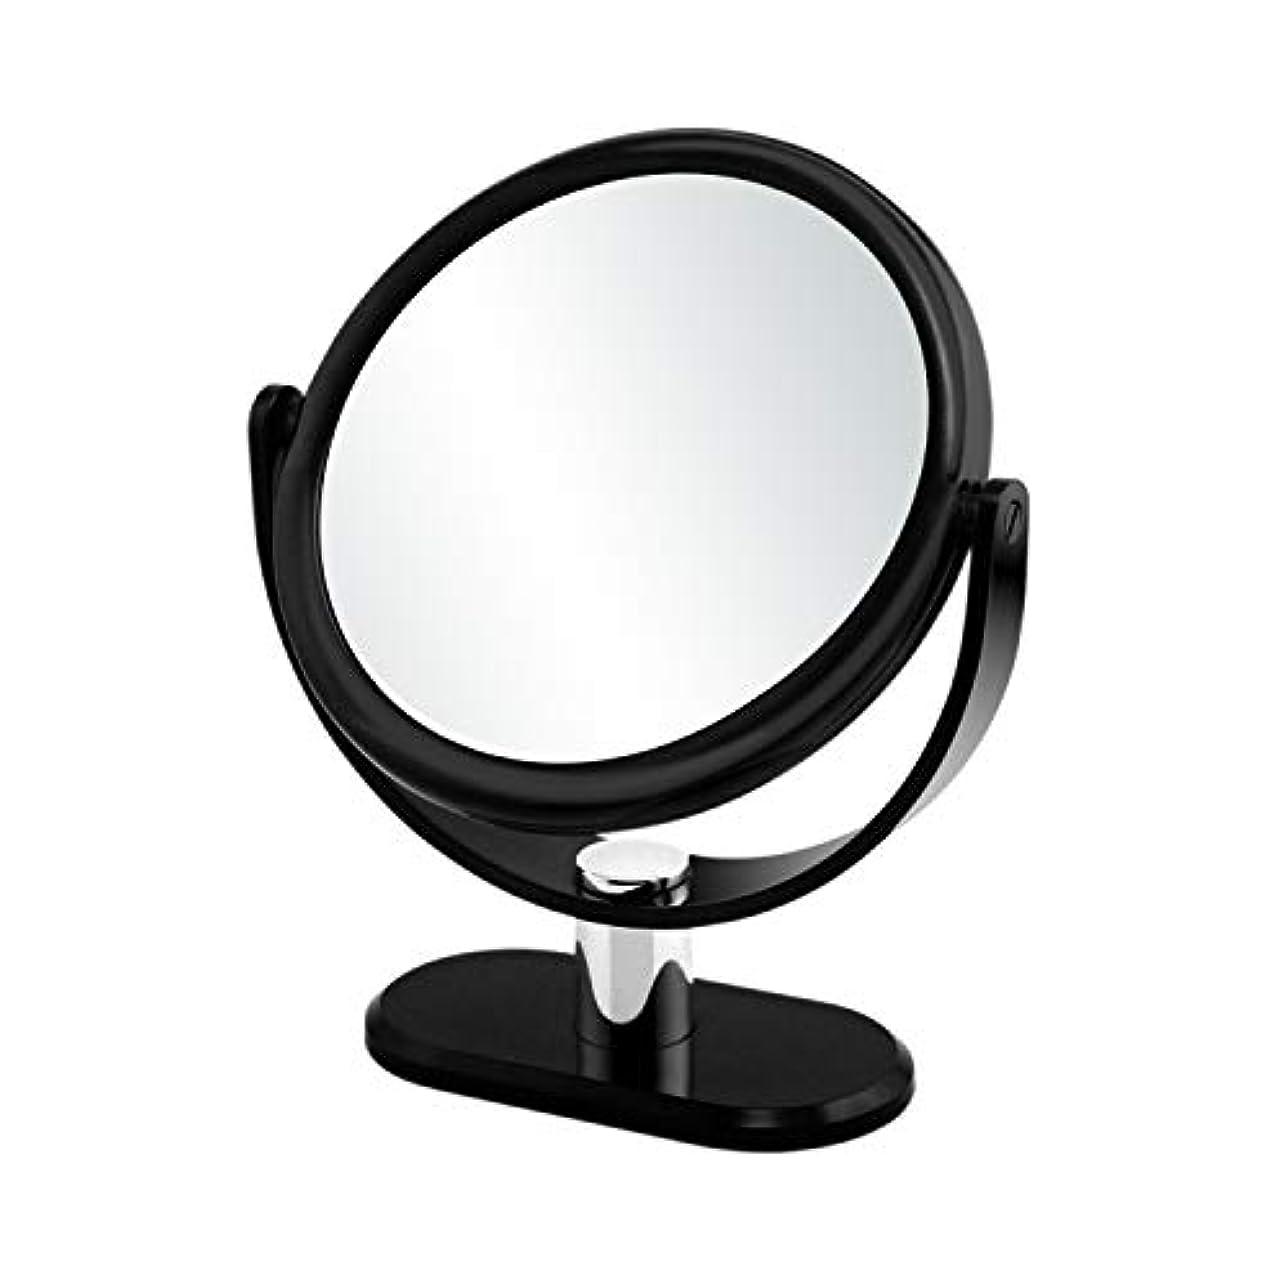 さわやかぼろパイルGorwRich ブラック卓上鏡 化粧鏡 スタンドミラー 女優ミラー 卓上ミラー 両面鏡 7倍拡大鏡と等倍鏡